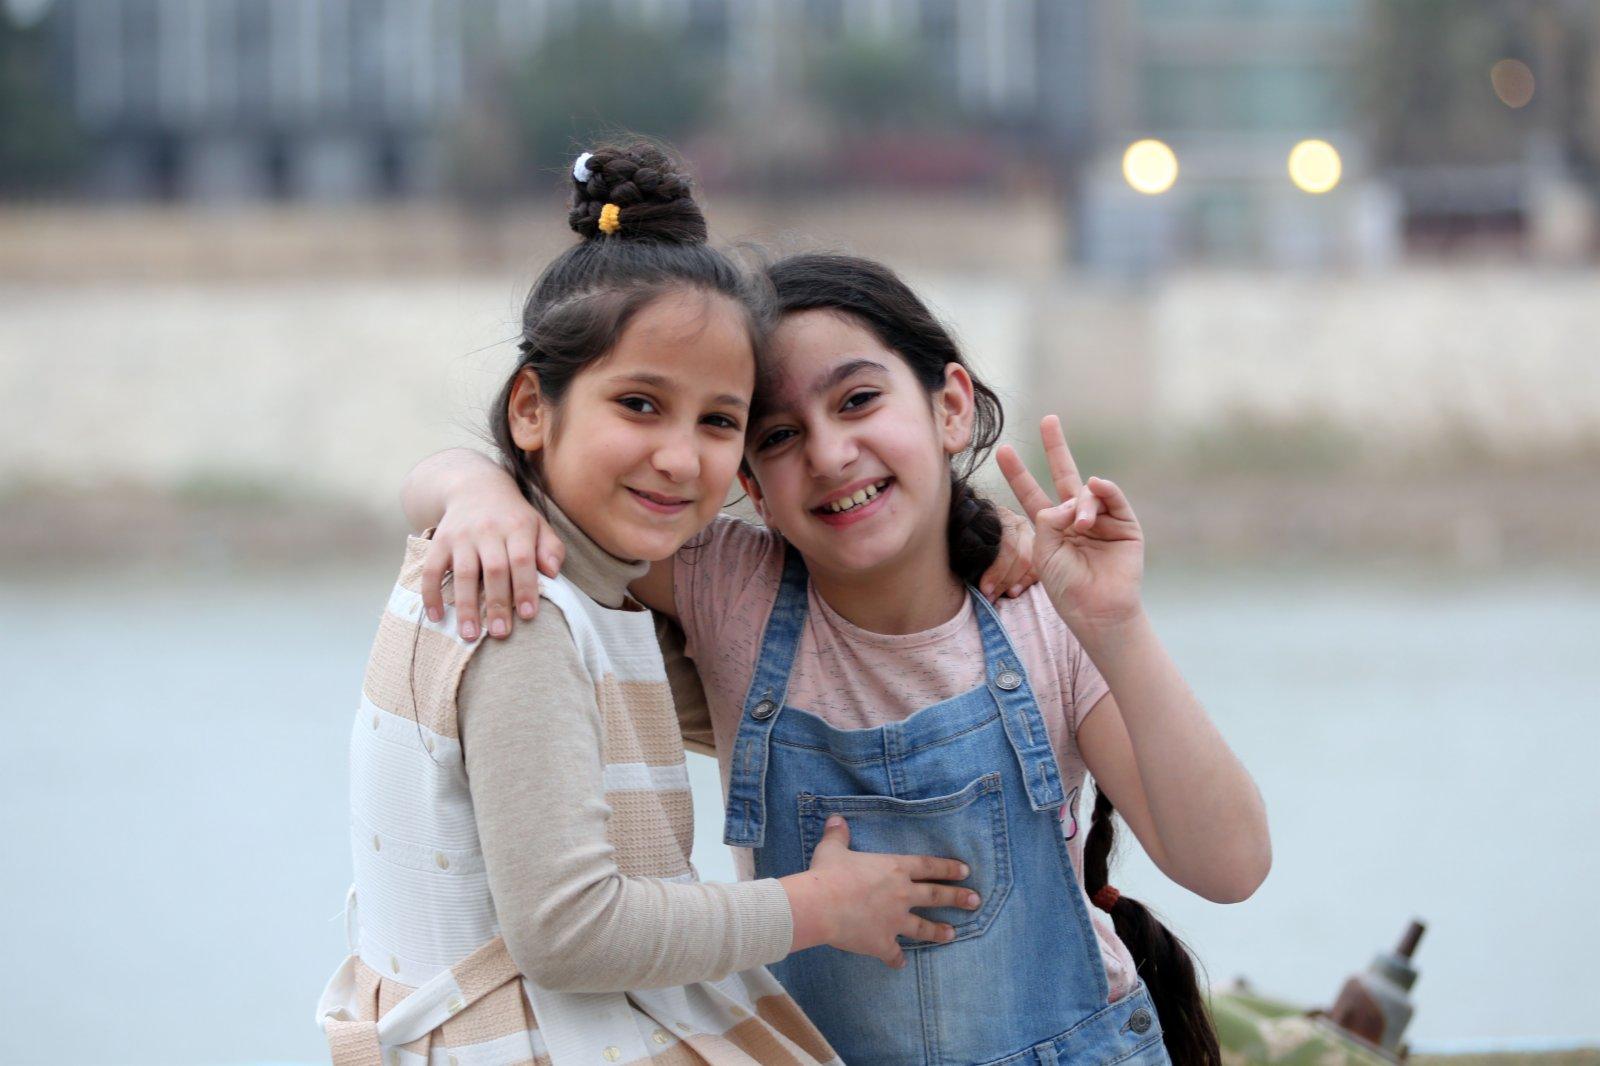 2月24日,孩子們在伊拉克巴格達的底格里斯河畔玩耍。(新華社)